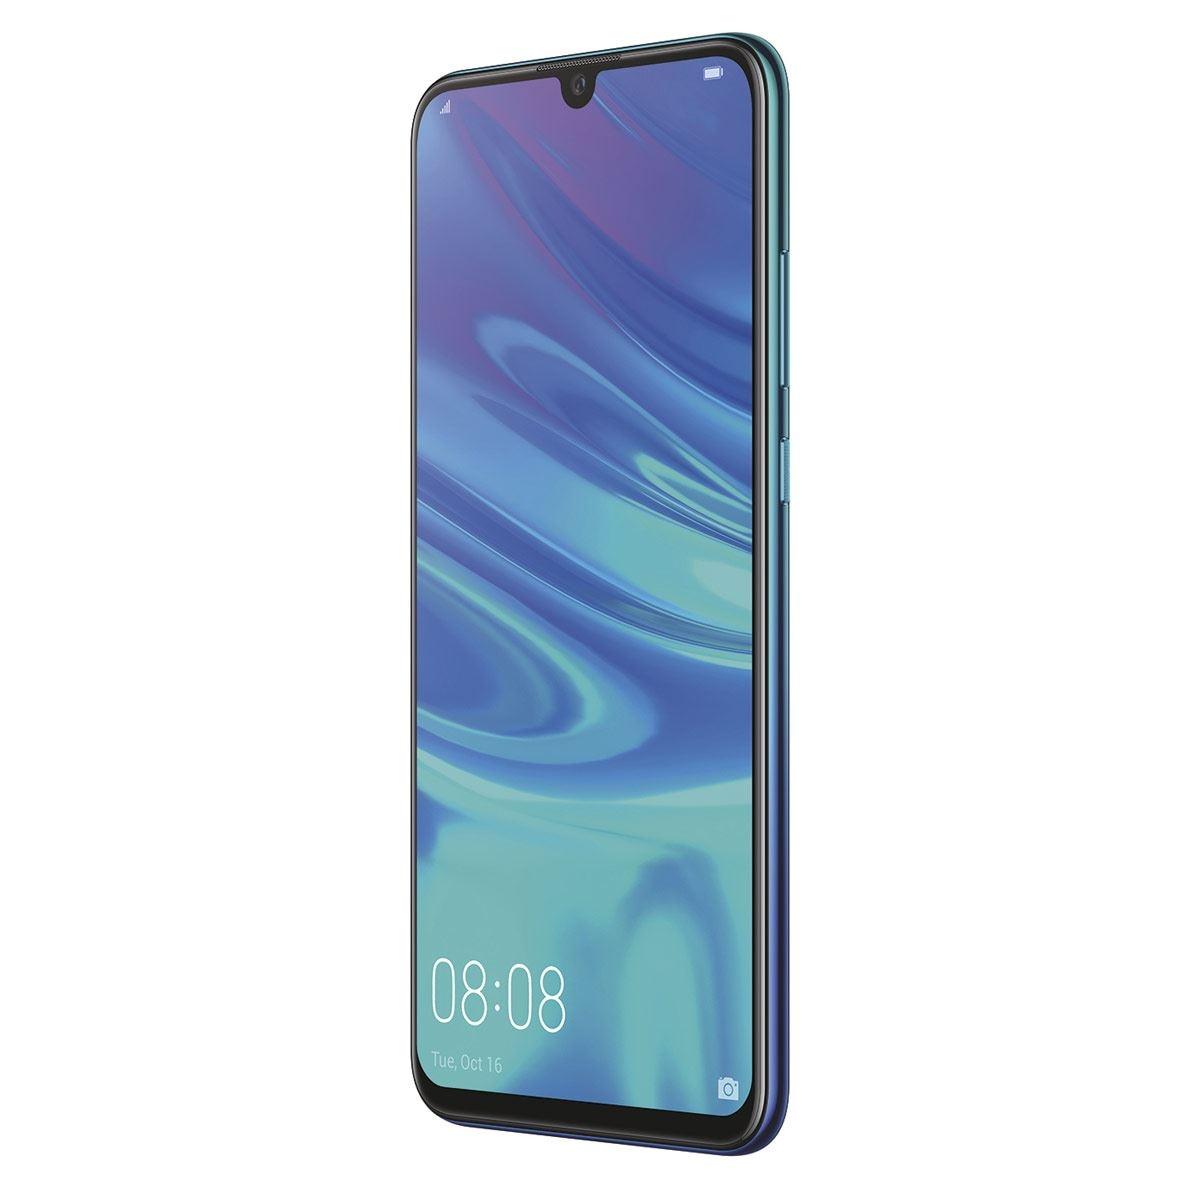 Celular Huawei POTLX3 P- Smart 2019 Color Azul R9 (Telcel)